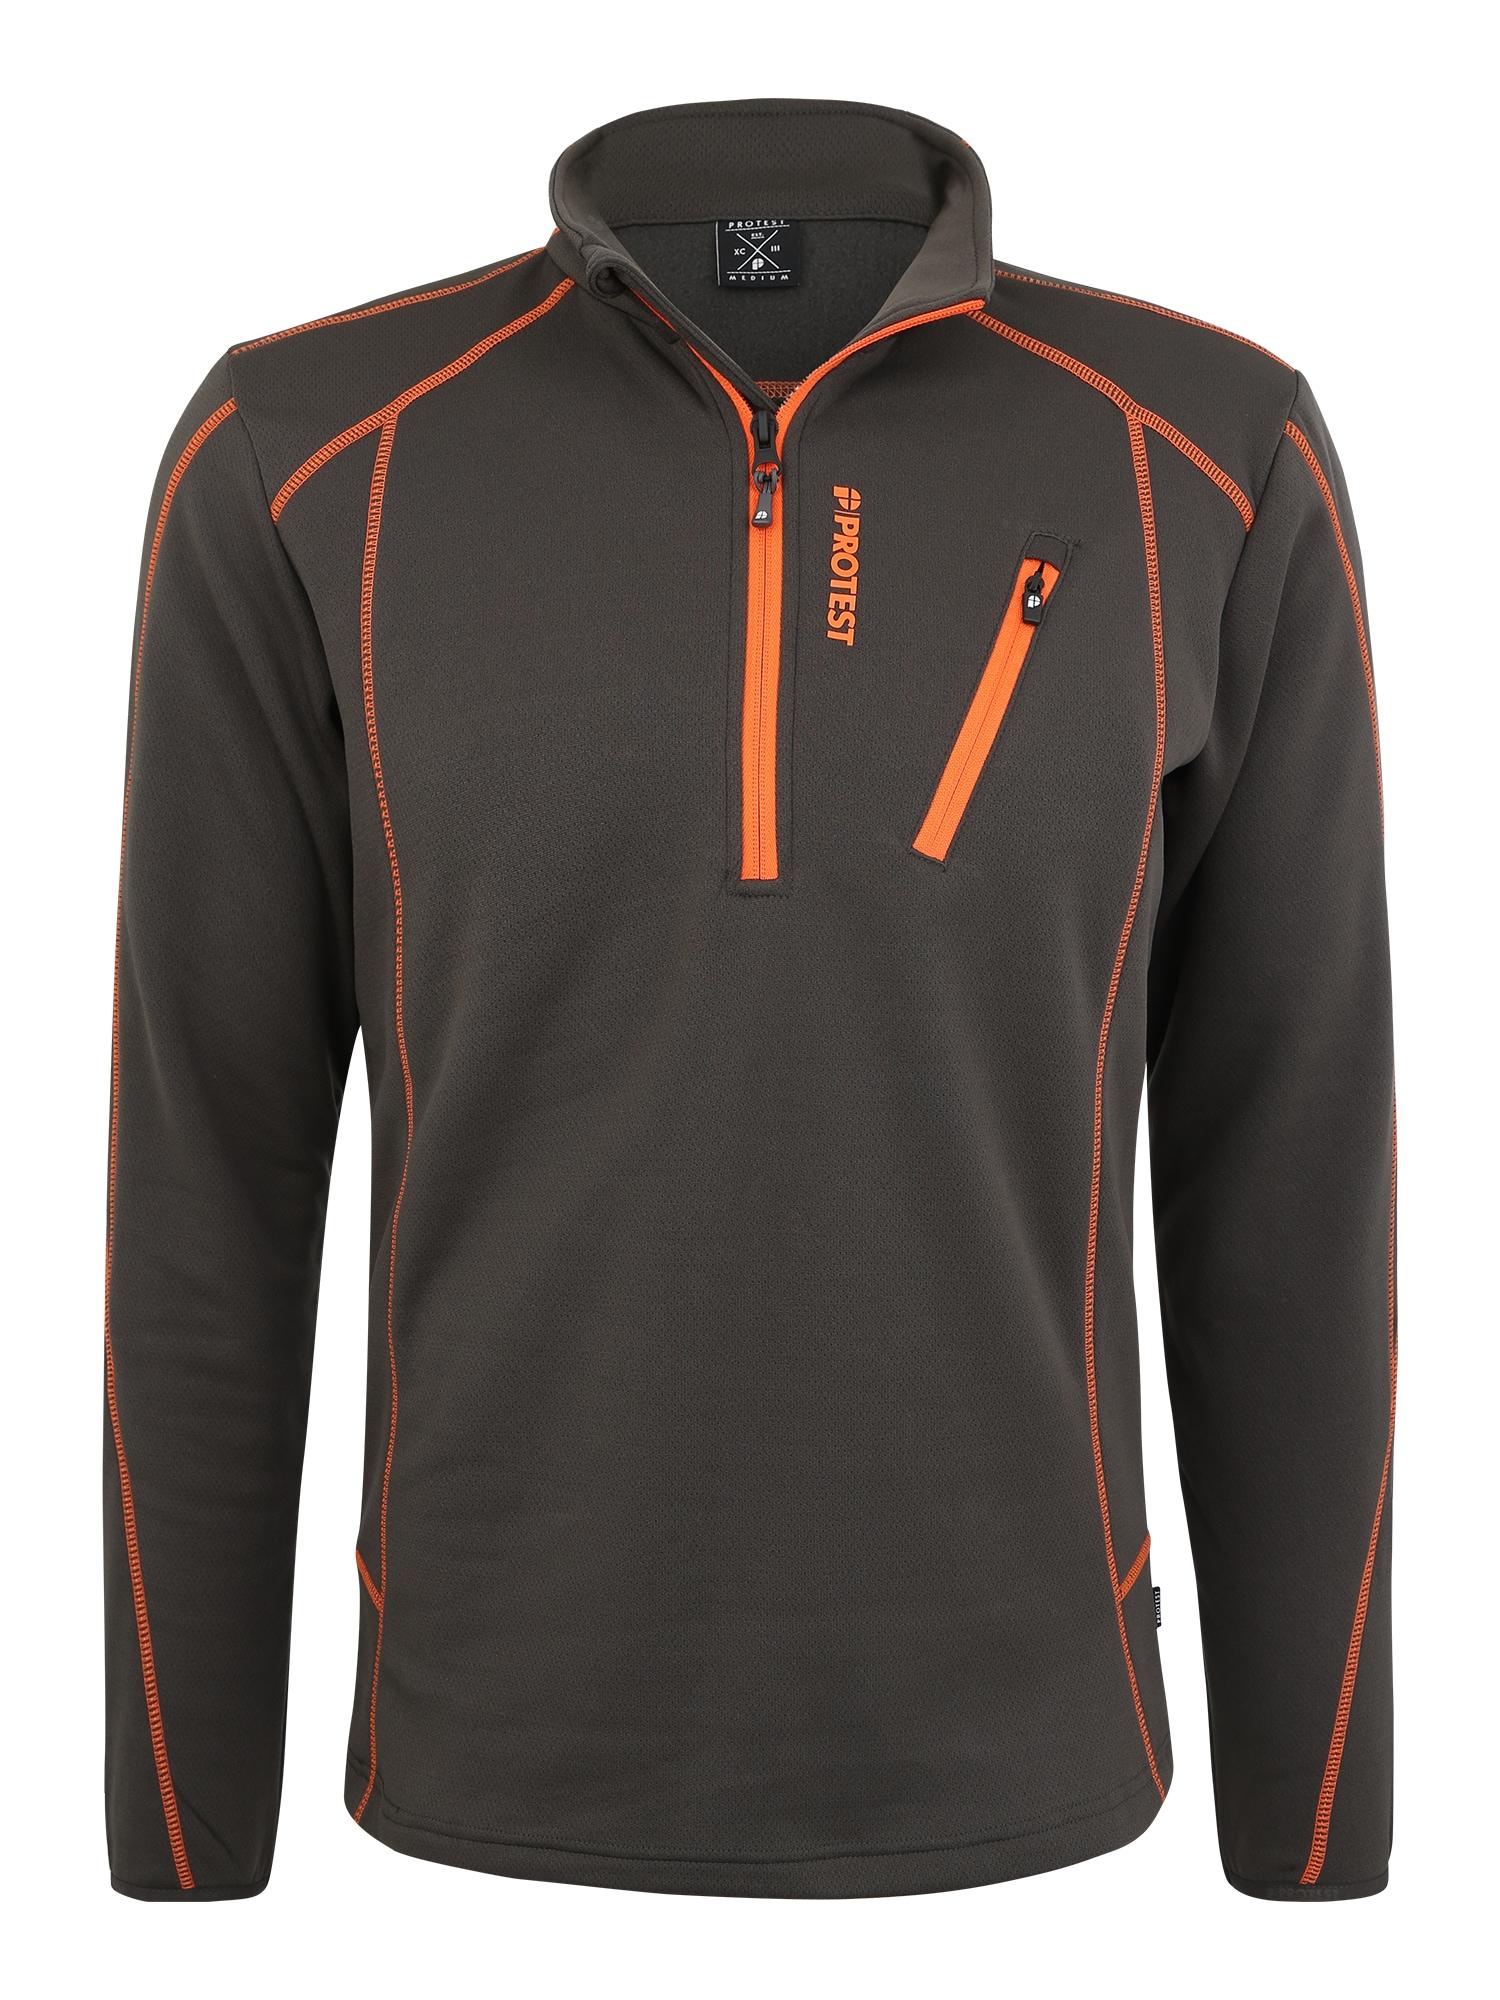 PROTEST Sportinis megztinis 'Humany' juoda / oranžinė